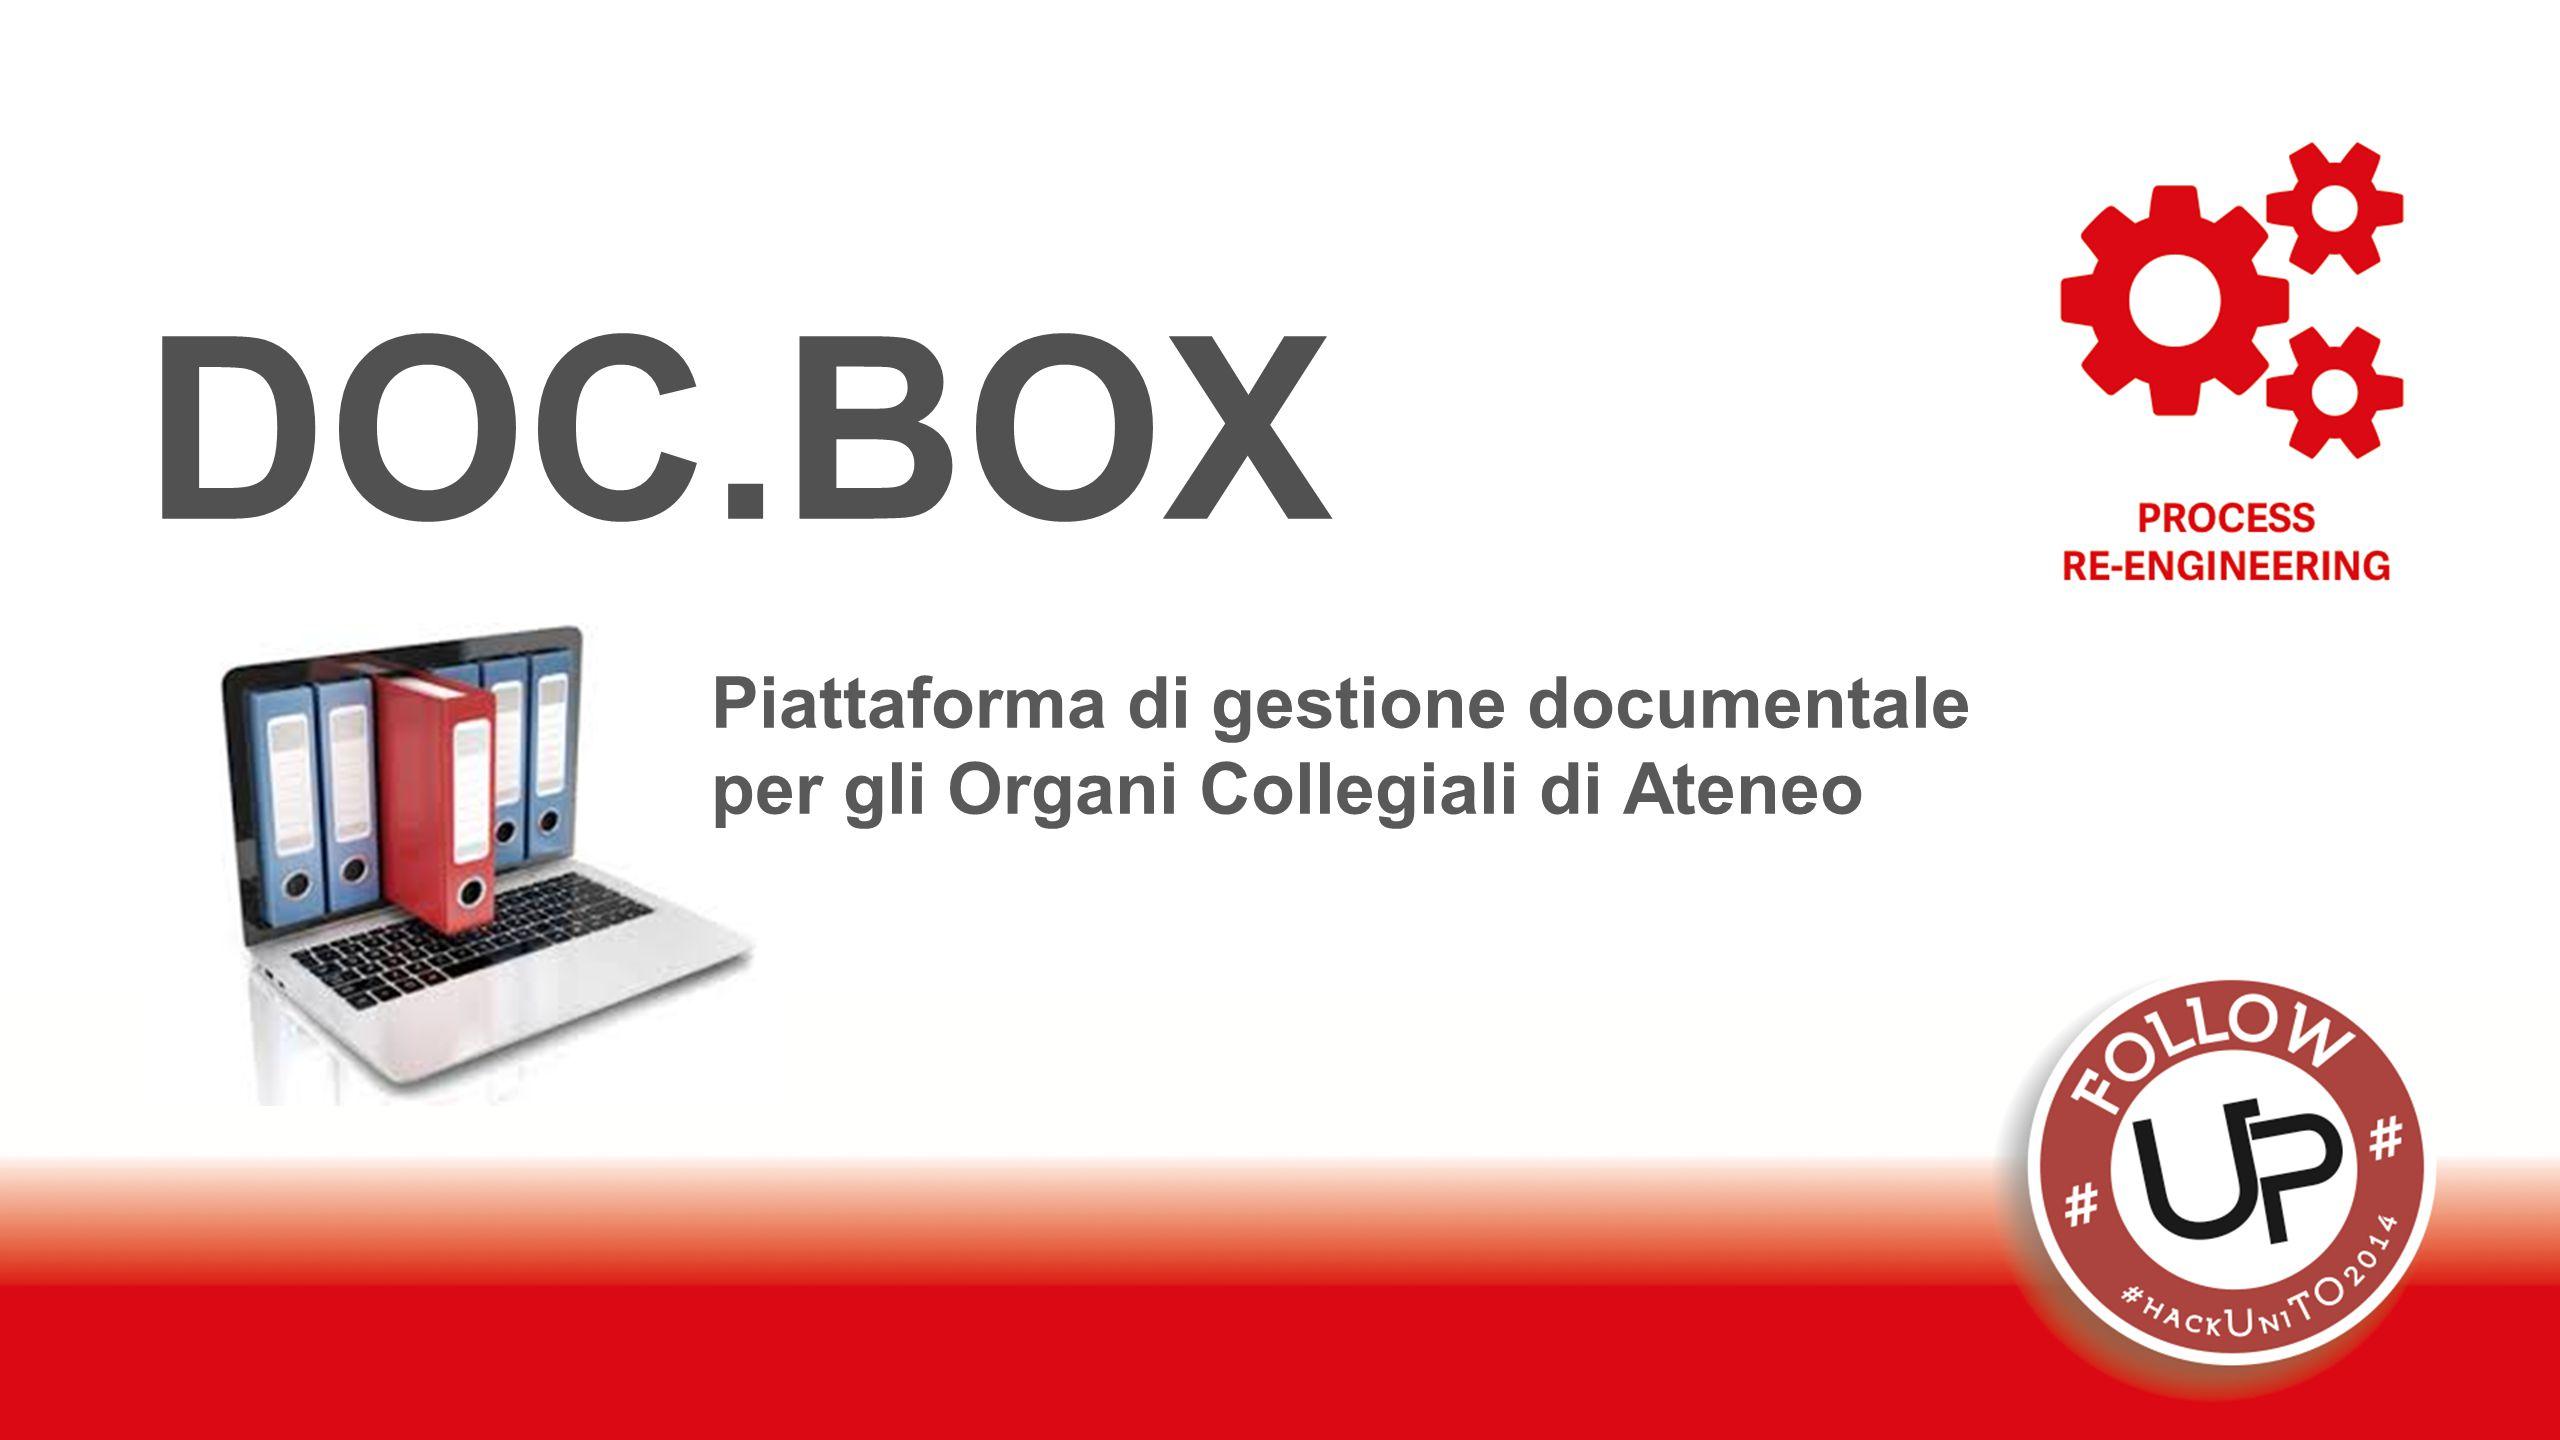 DOC.BOX Piattaforma di gestione documentale per gli Organi Collegiali di Ateneo